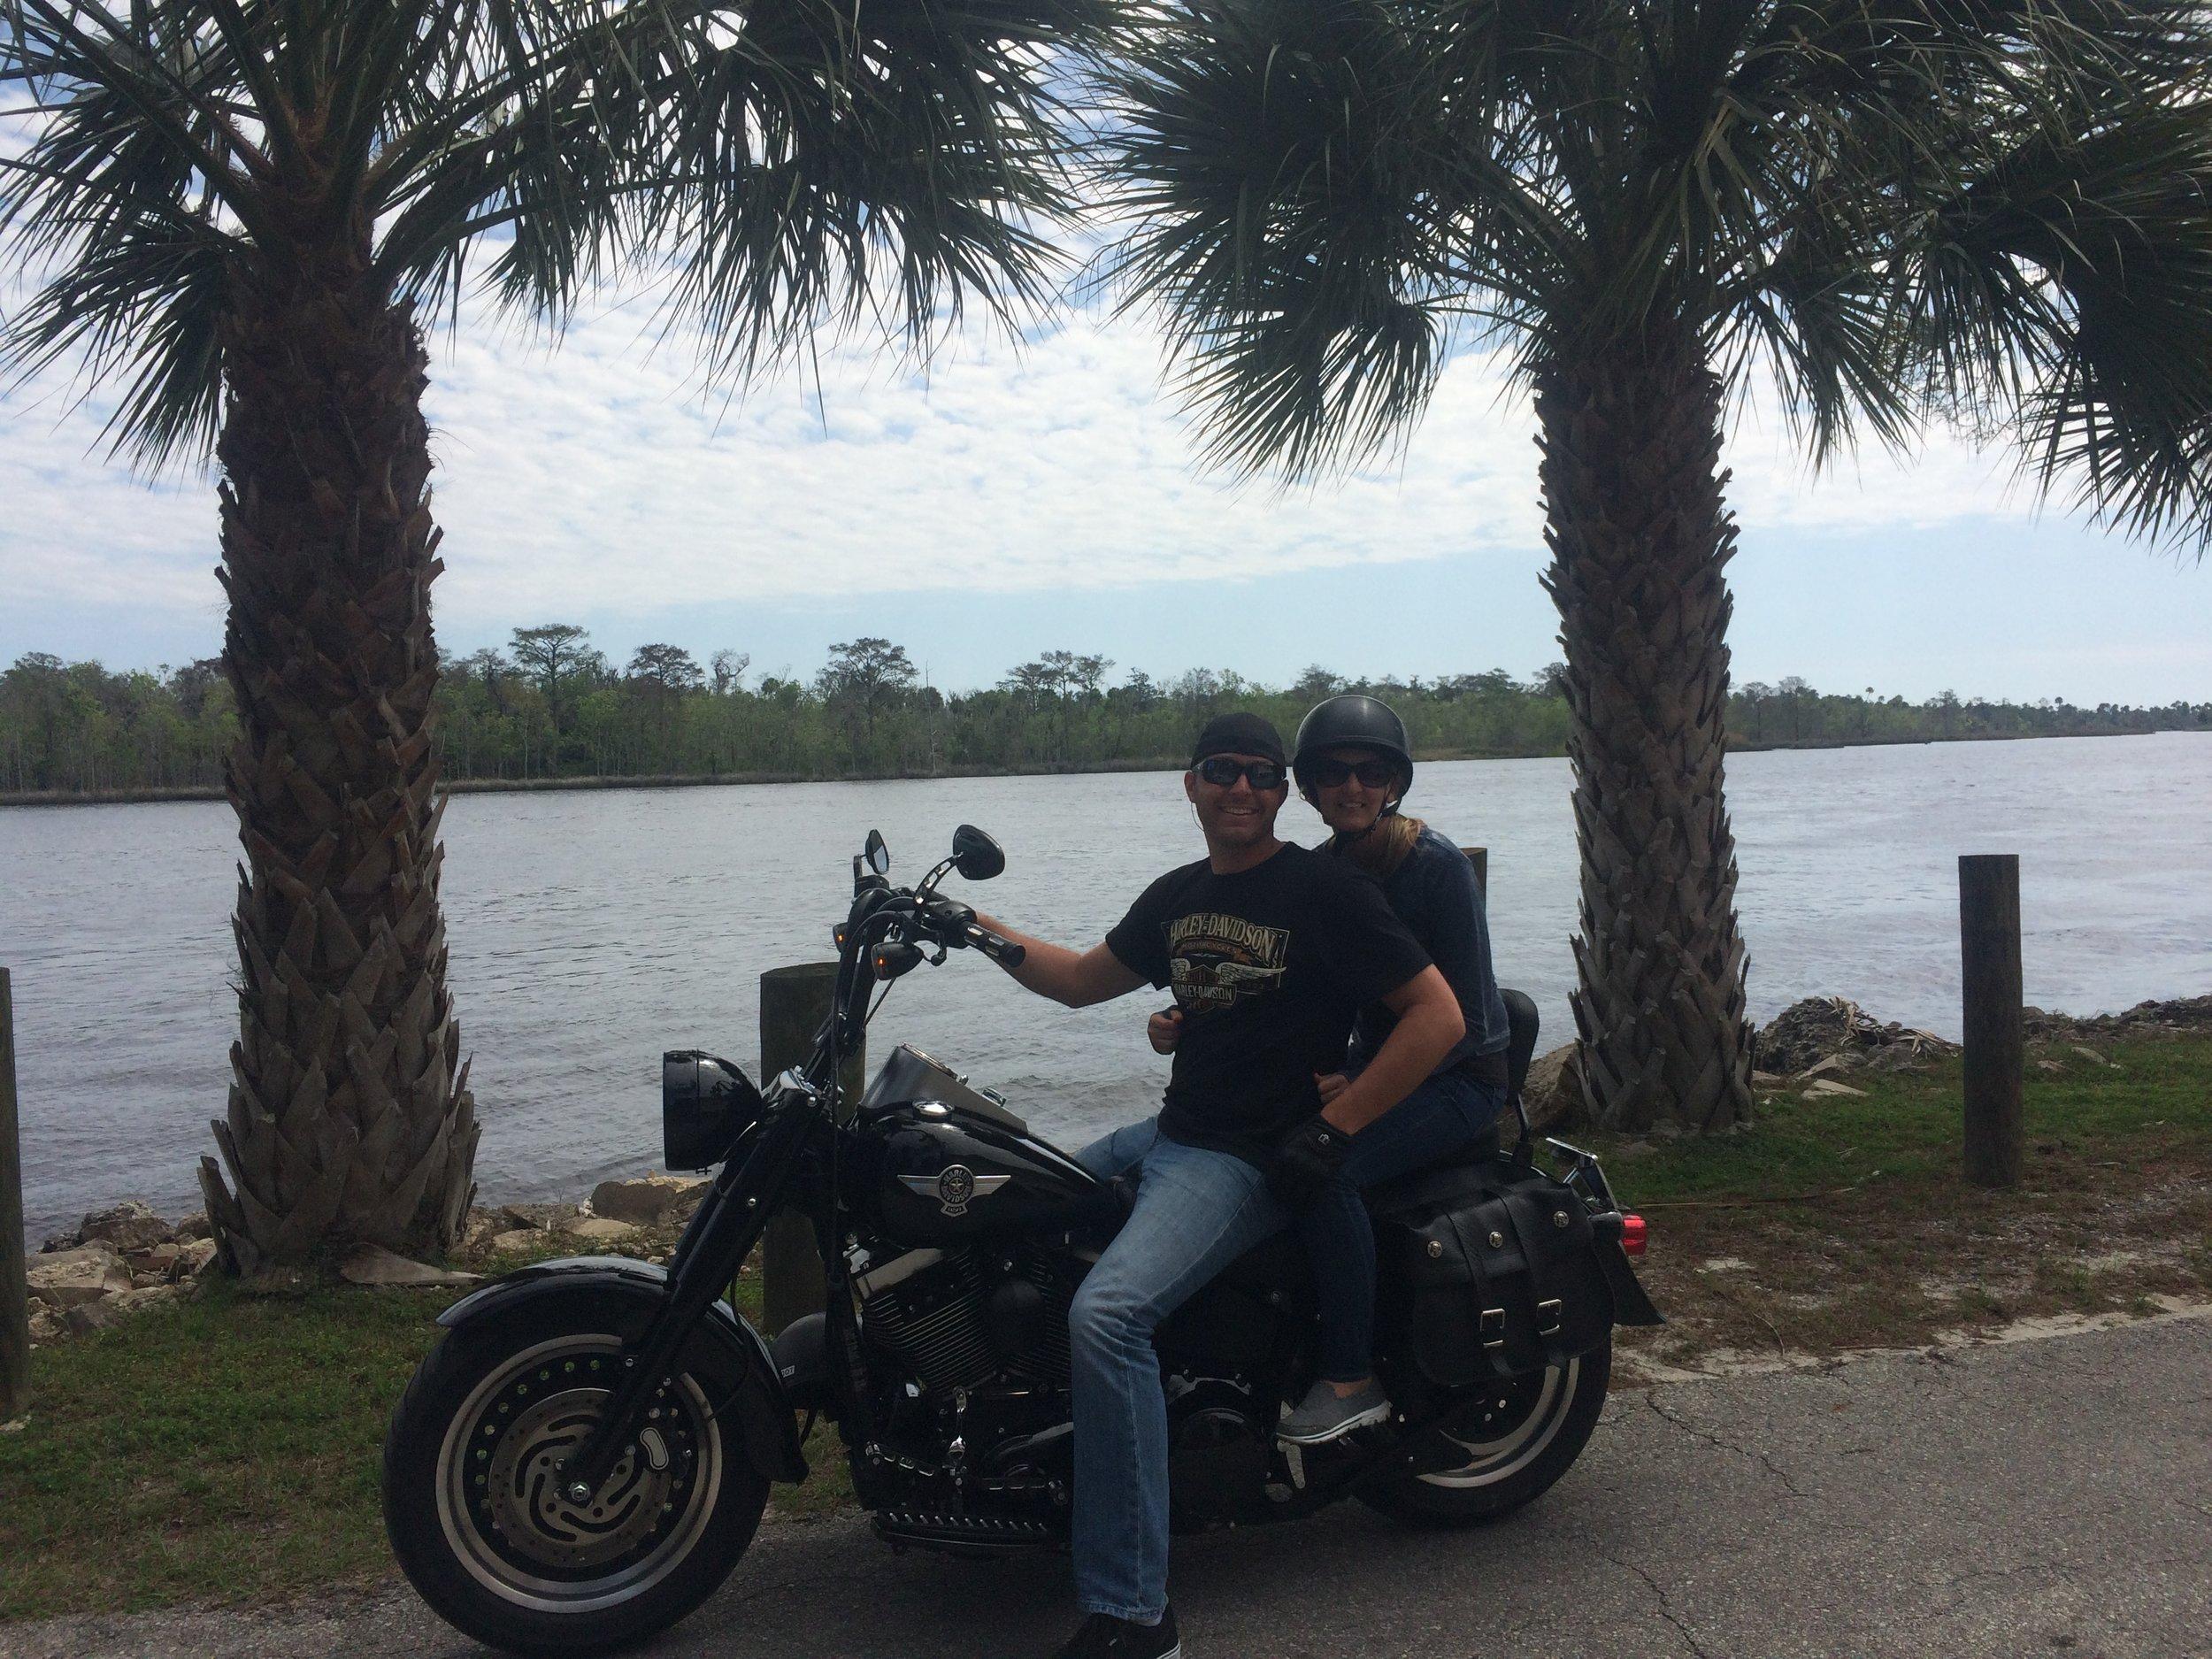 On Motorcycle.JPG